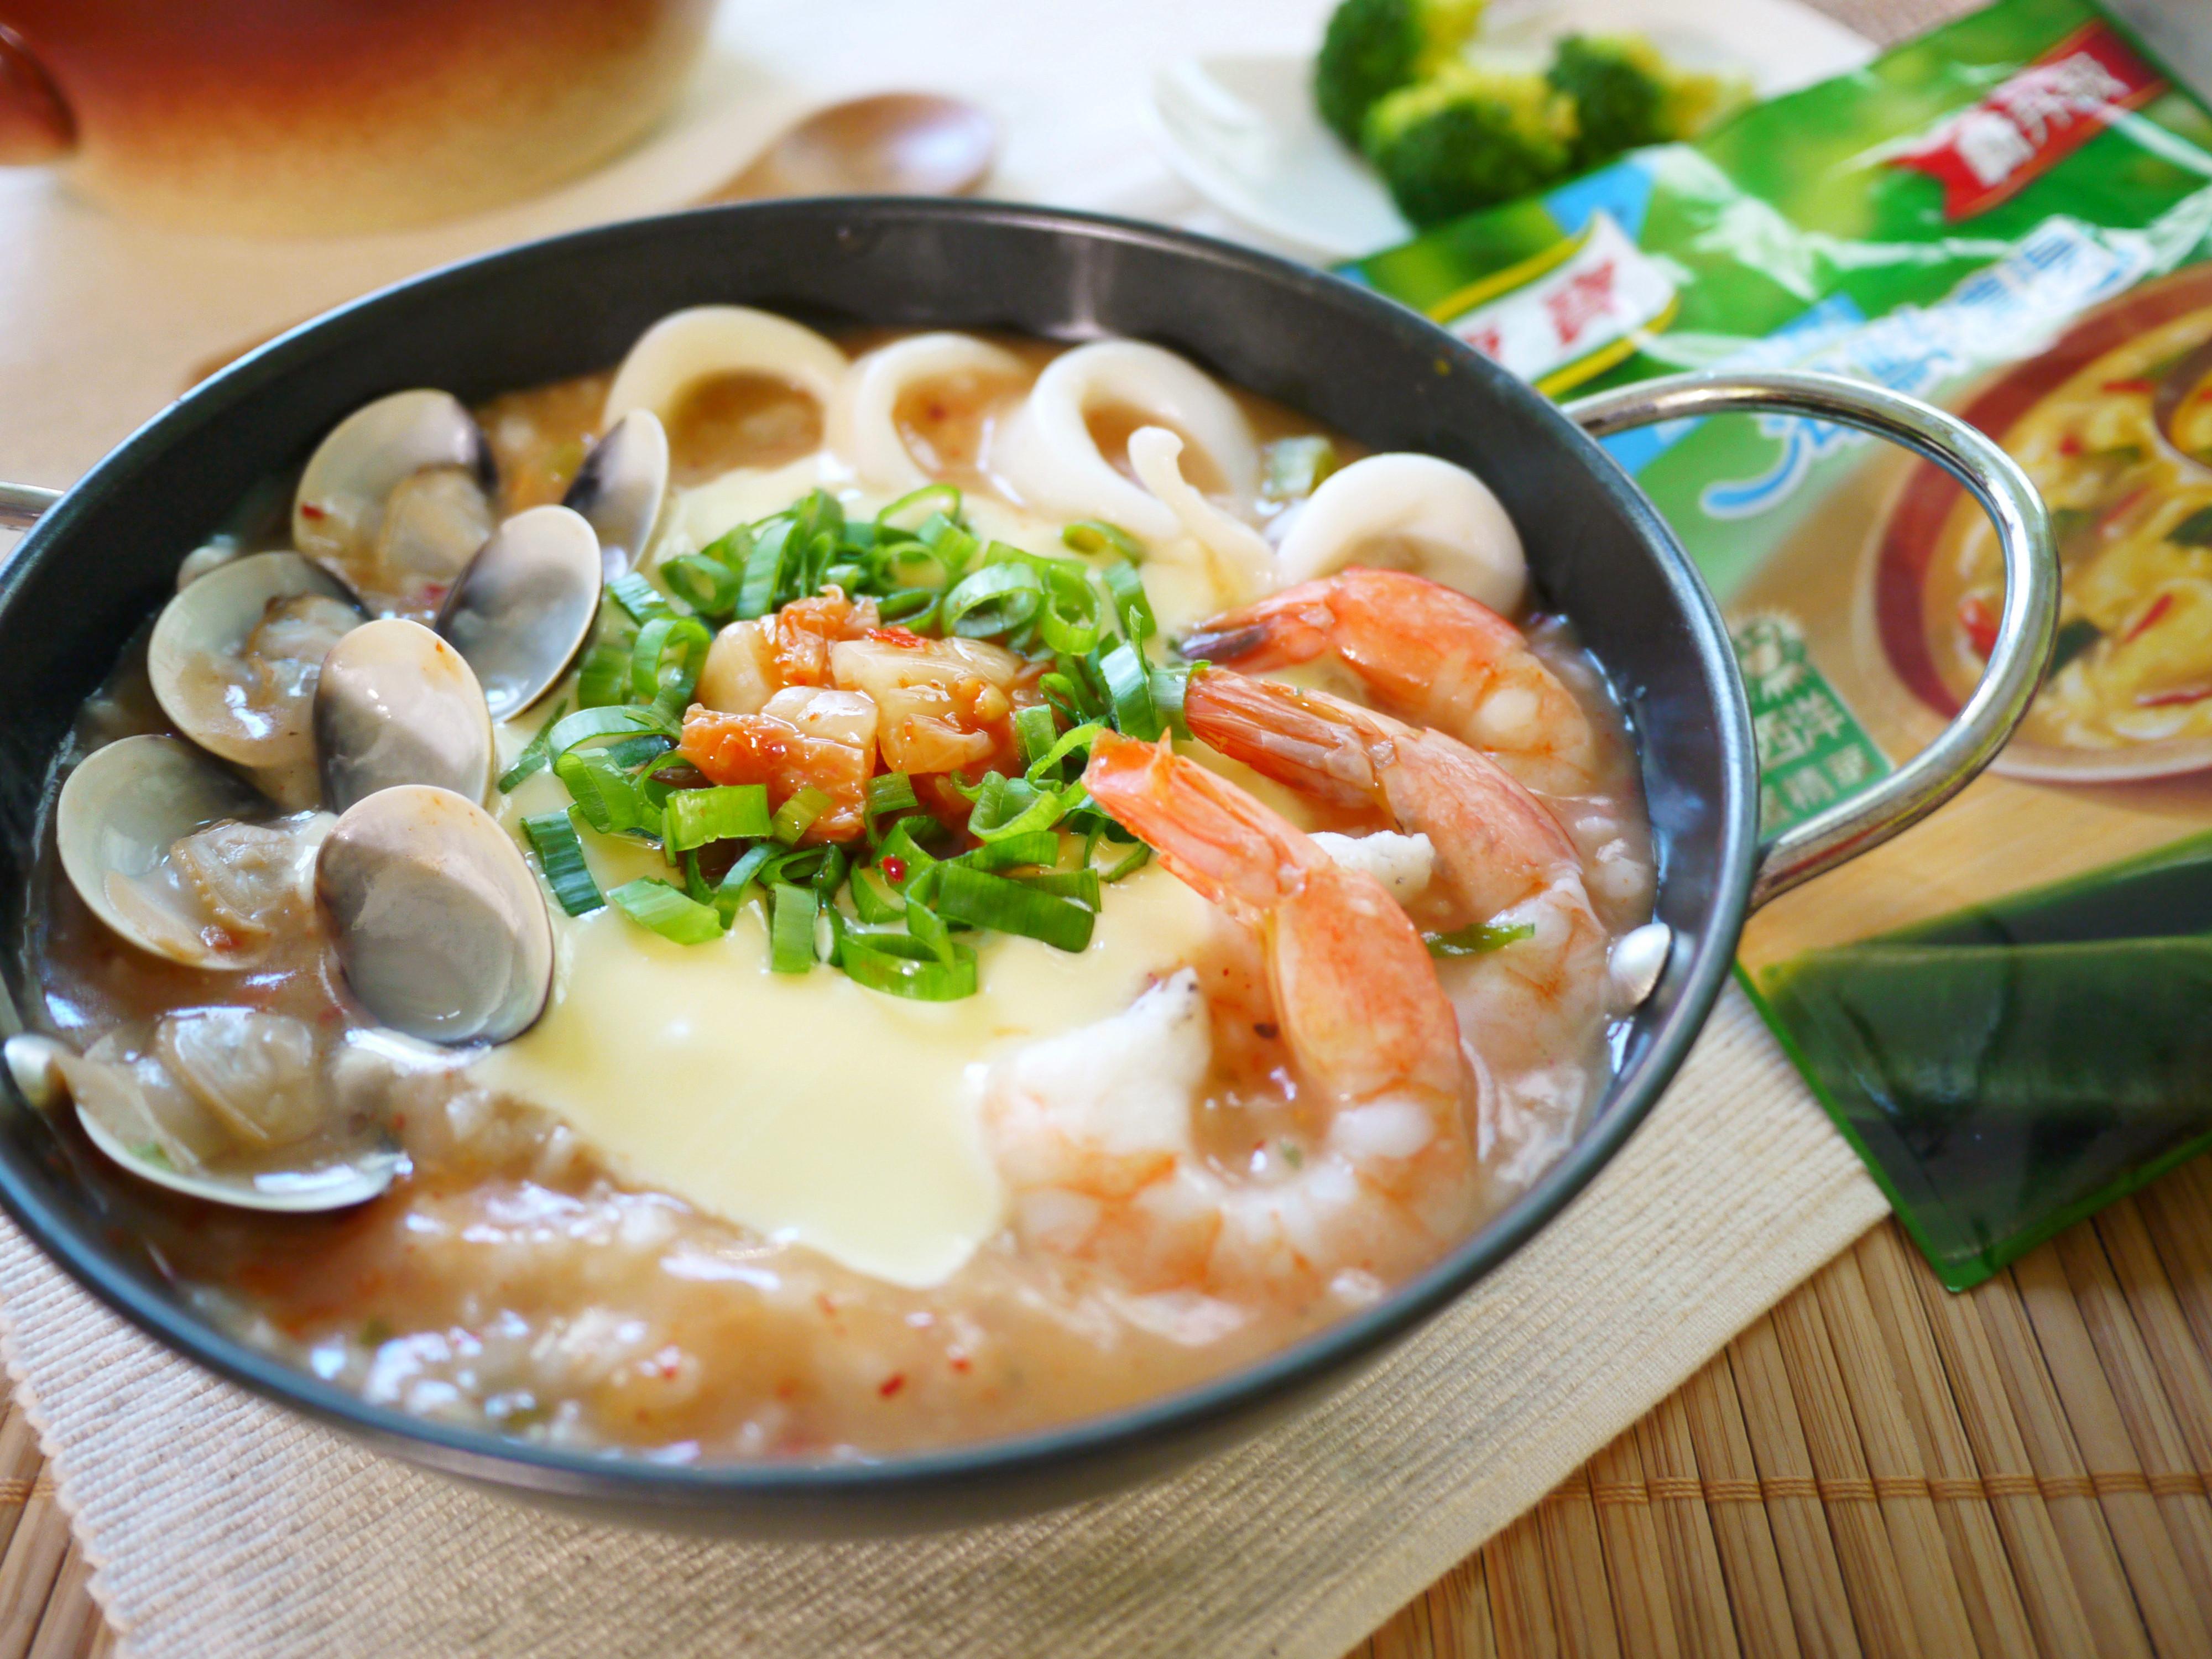 十分鐘!泡菜海鮮起司粥